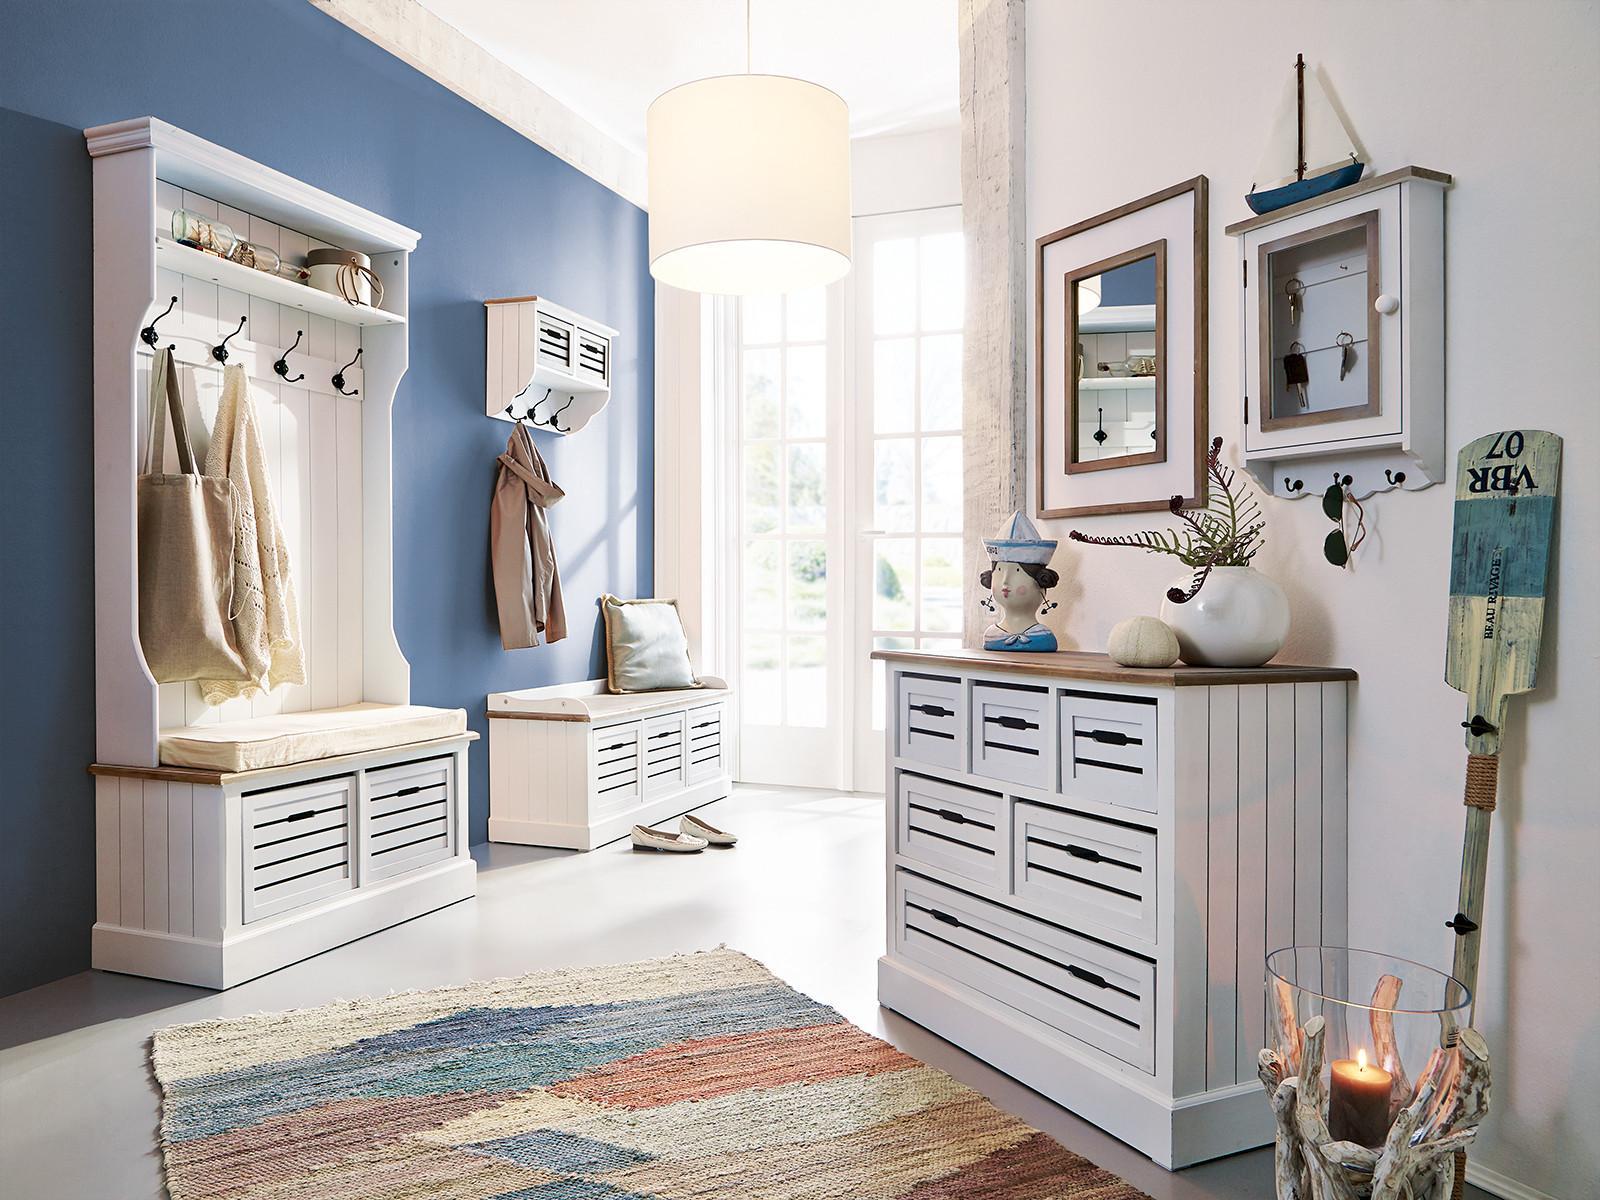 Garderobe Maritim garderobe maritim - home ideen